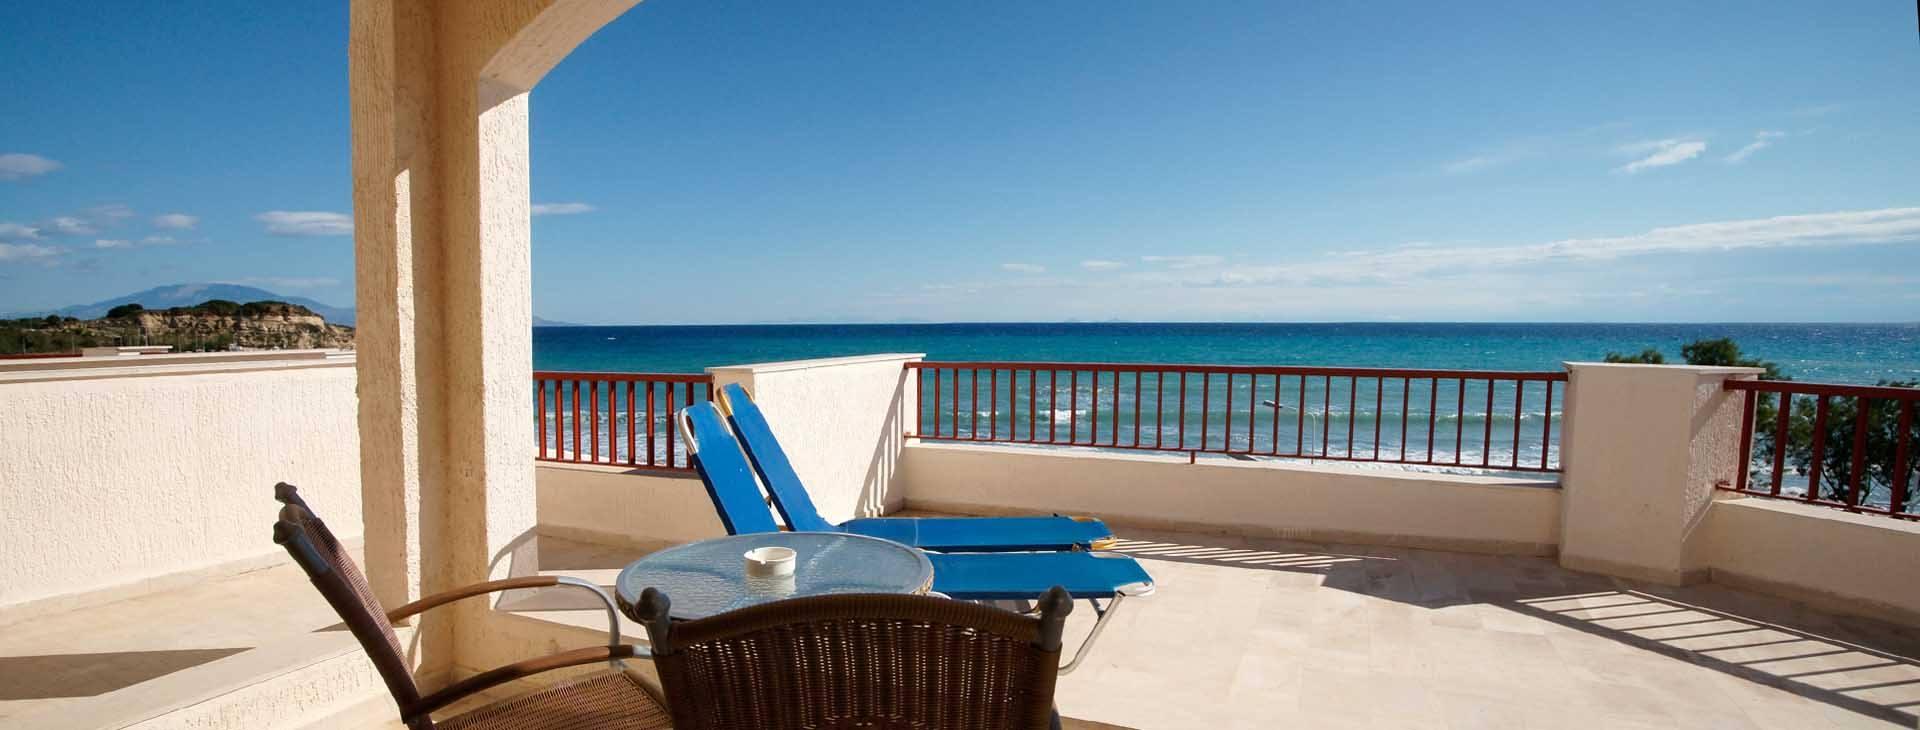 hotel Caravel Zante